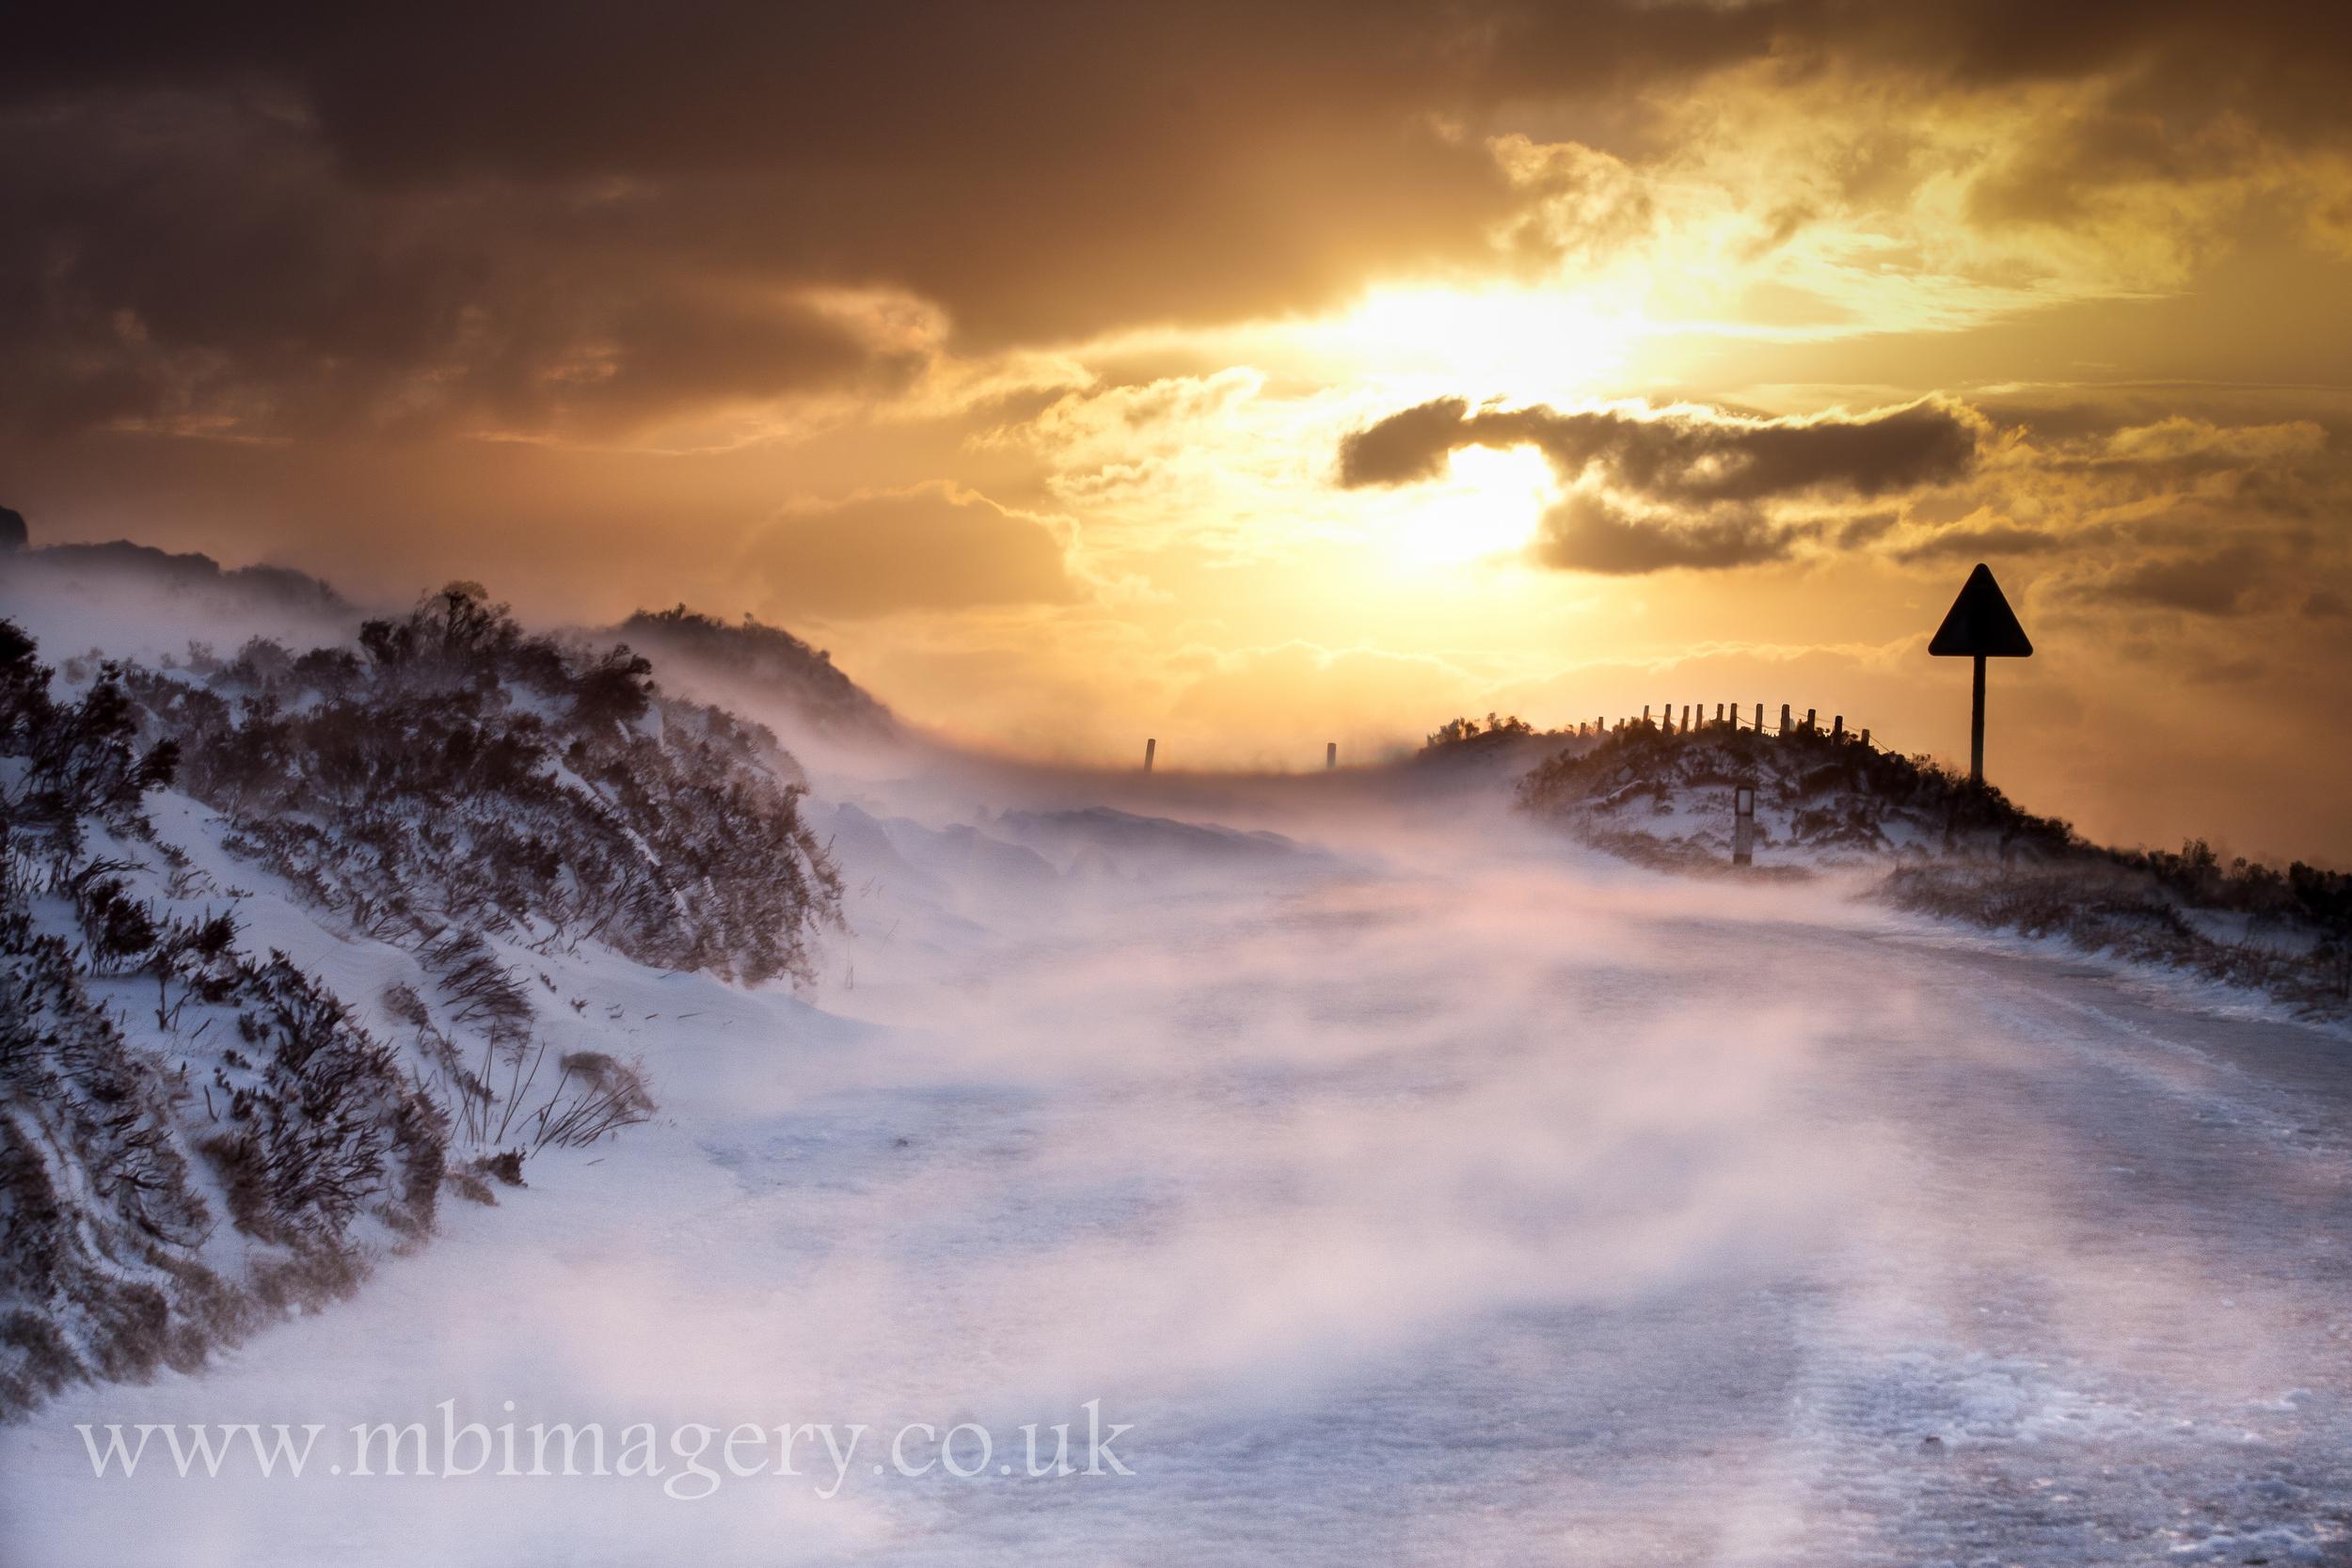 Wind Driven Snow, Barrule